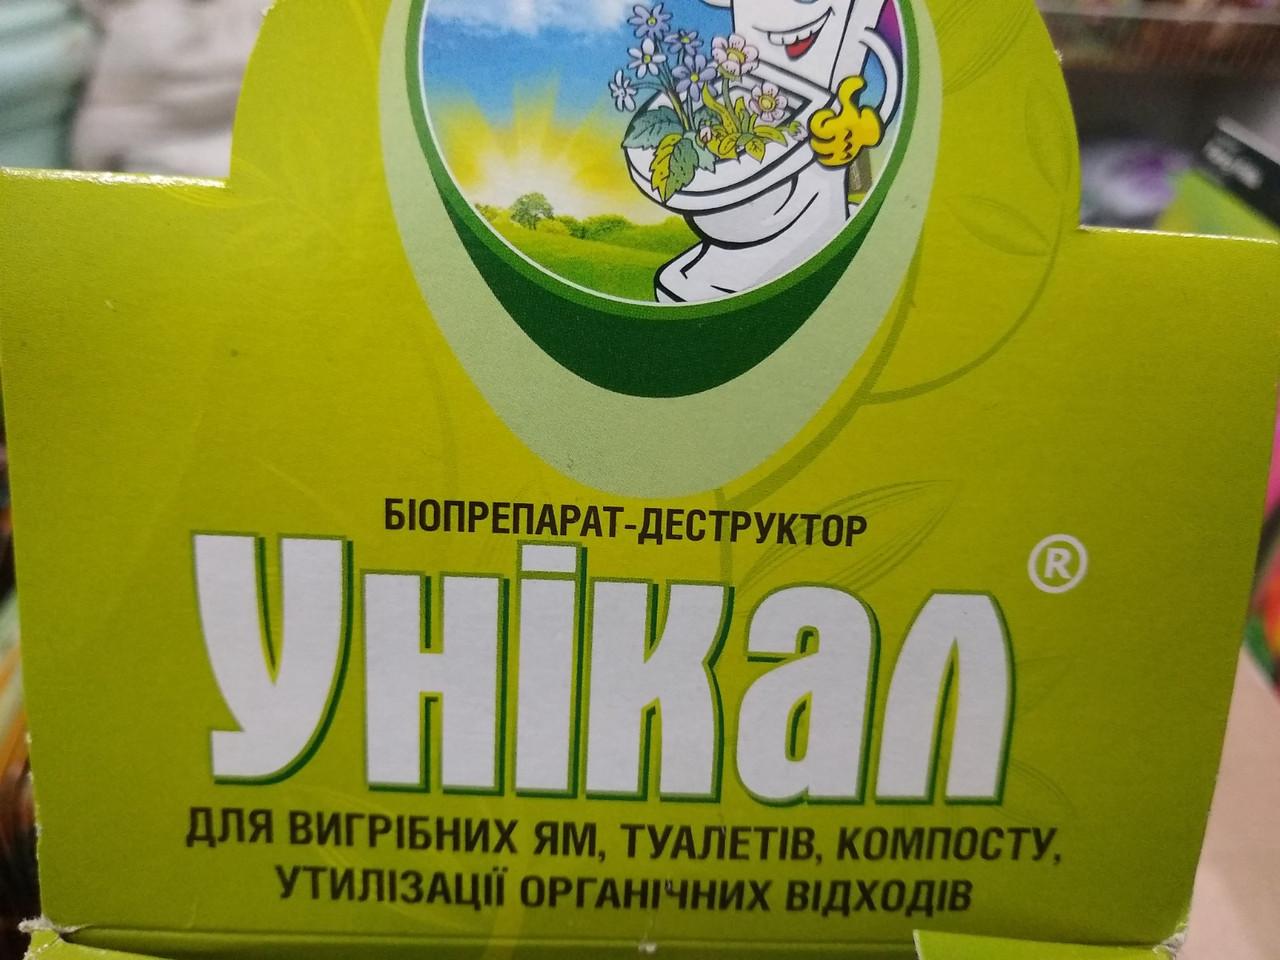 """Биопрепарат для выгребных ям, канализации, туалетов, """"Уникал"""", 15 г на 2 м3, """"Живая земля"""", Украина"""